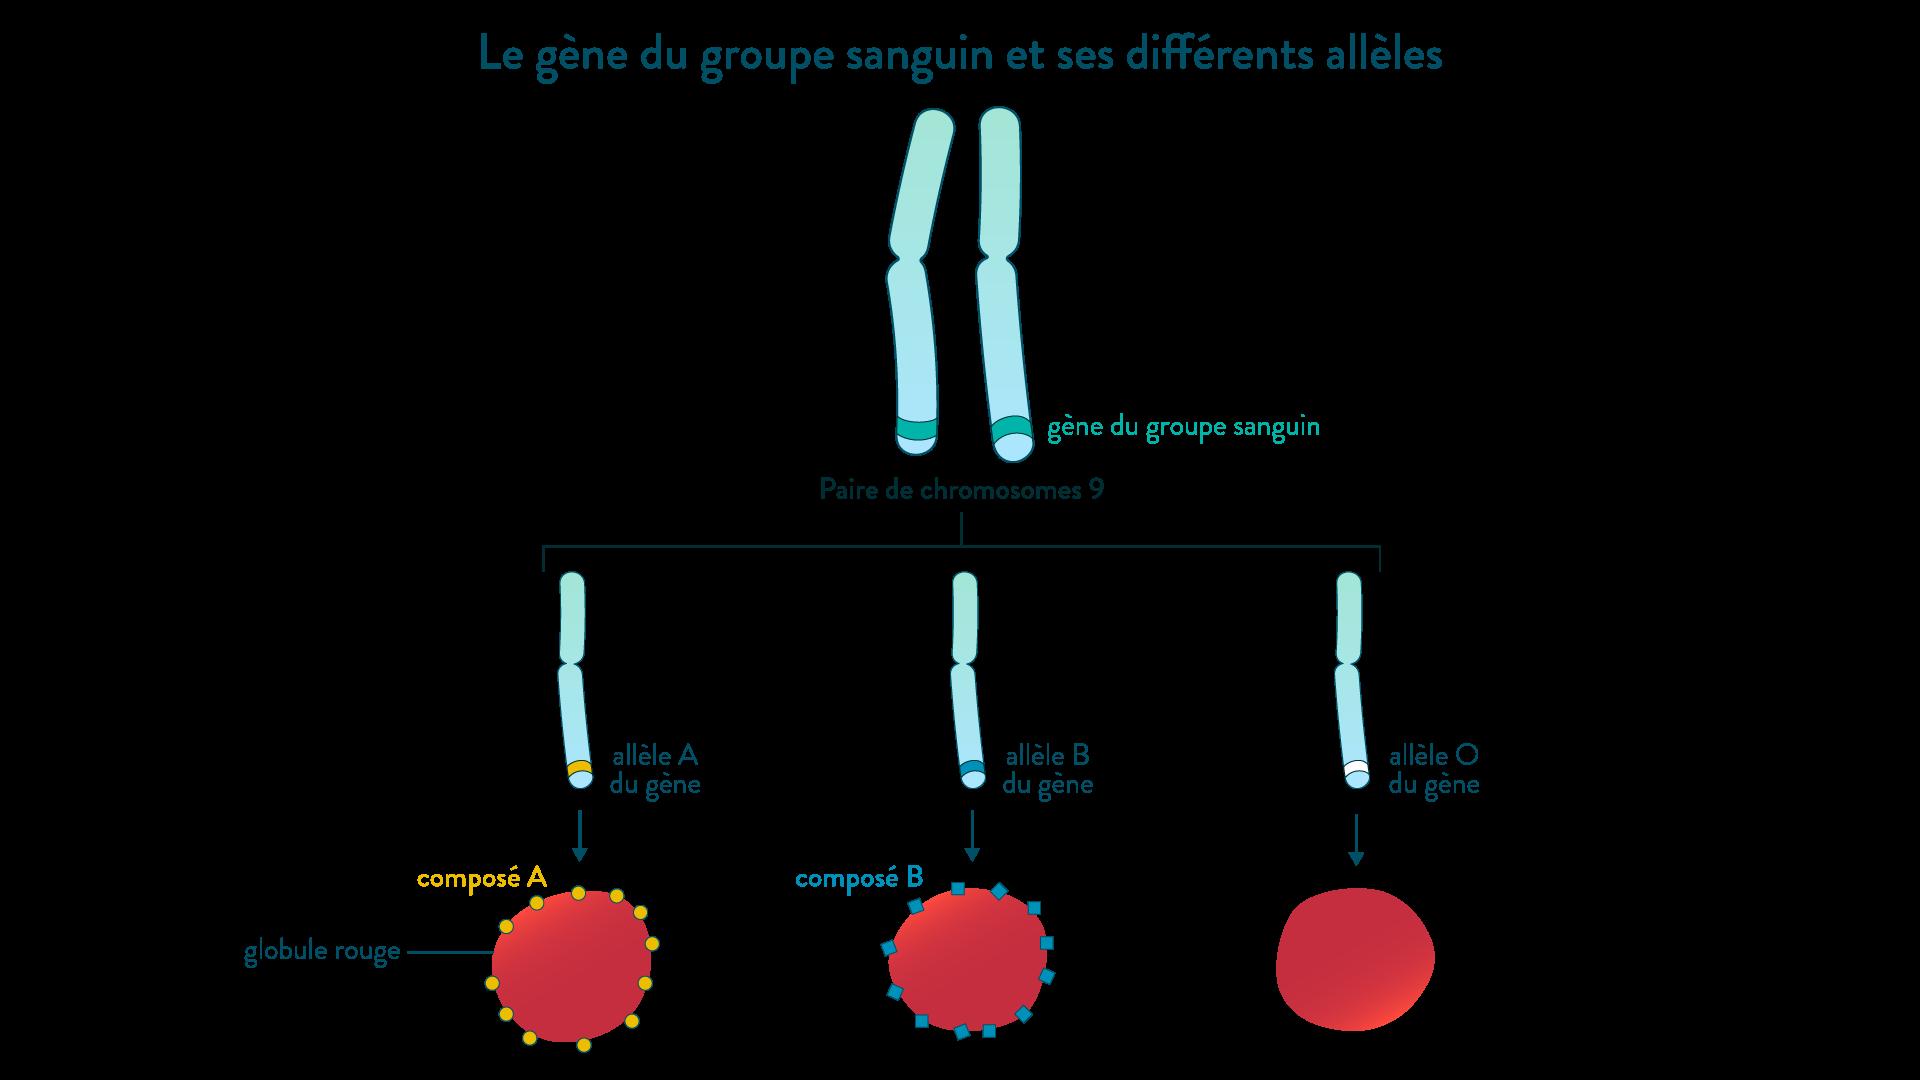 Le gène du groupe sanguin et ses différents allèles